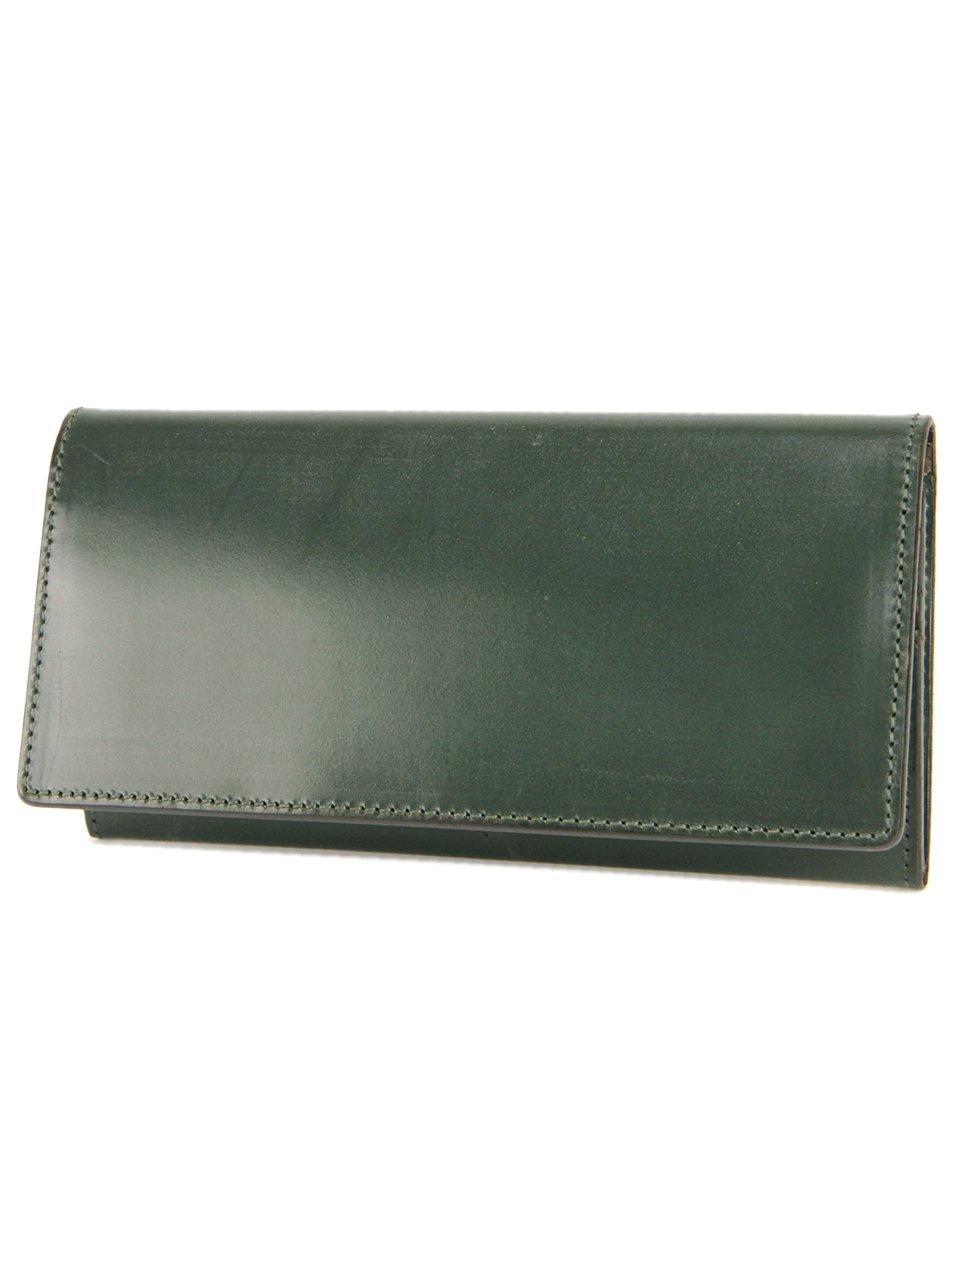 [コルボ] CORBO. 長財布 1LD-0236 face Bridle Leather フェイスブライドルレザーシリーズ B00PTE8OIW ダークグリーン ダークグリーン